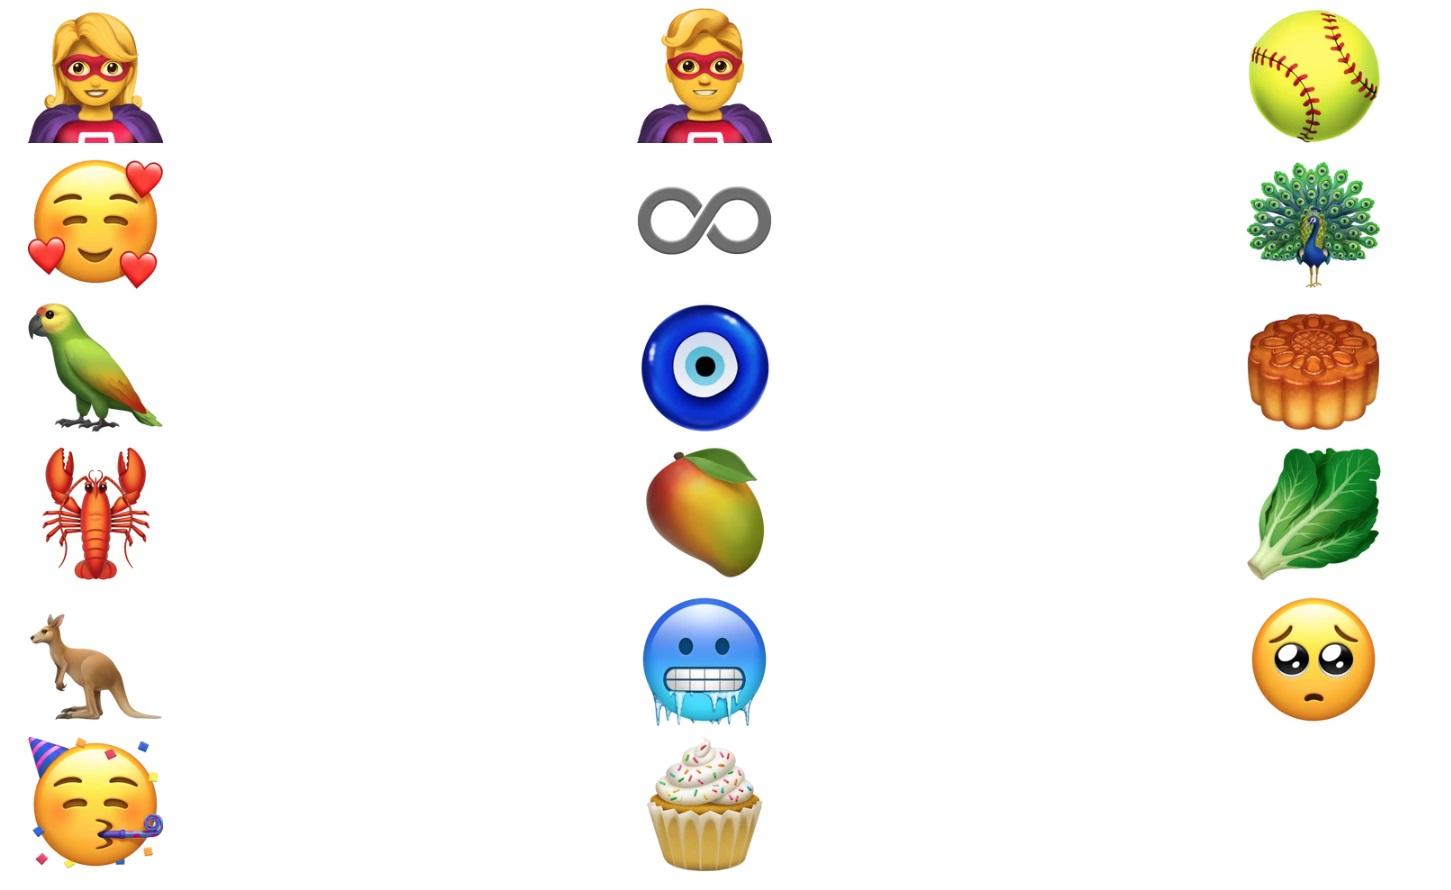 emojis-nuevos-apple-2018-animales-ok